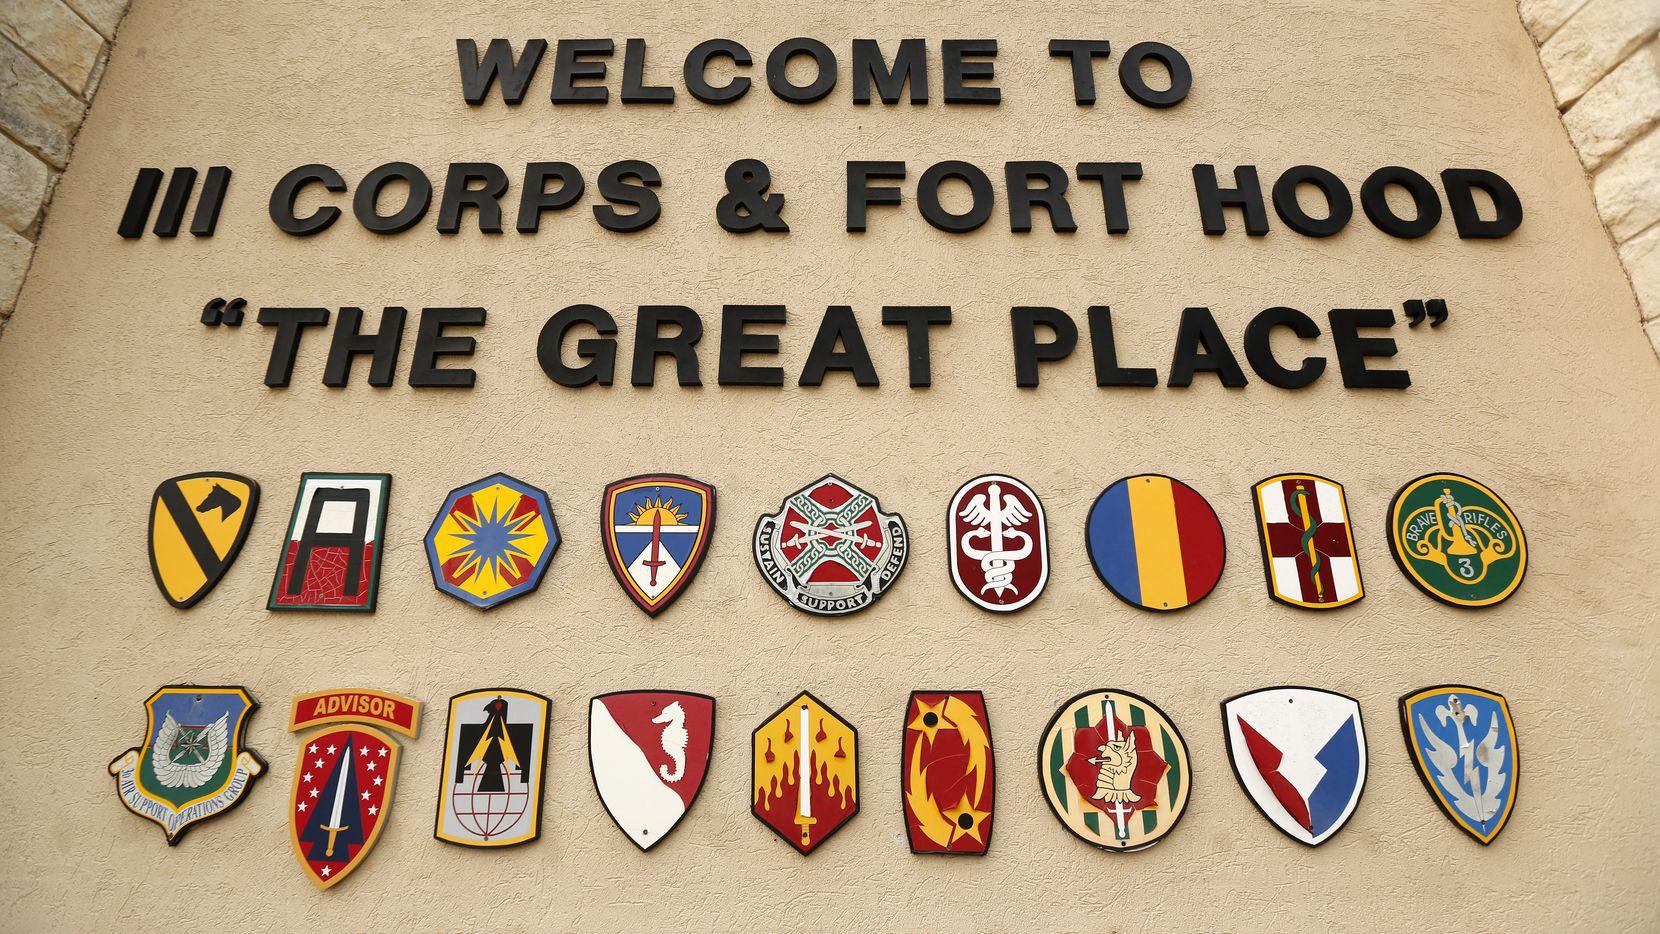 La base militar de Fort Hood honró la memoria de Vanessa Guillén colocando su nombre en la parte superior de una de sus entradas, así como en un muro donde se colocó una dedicatoria.